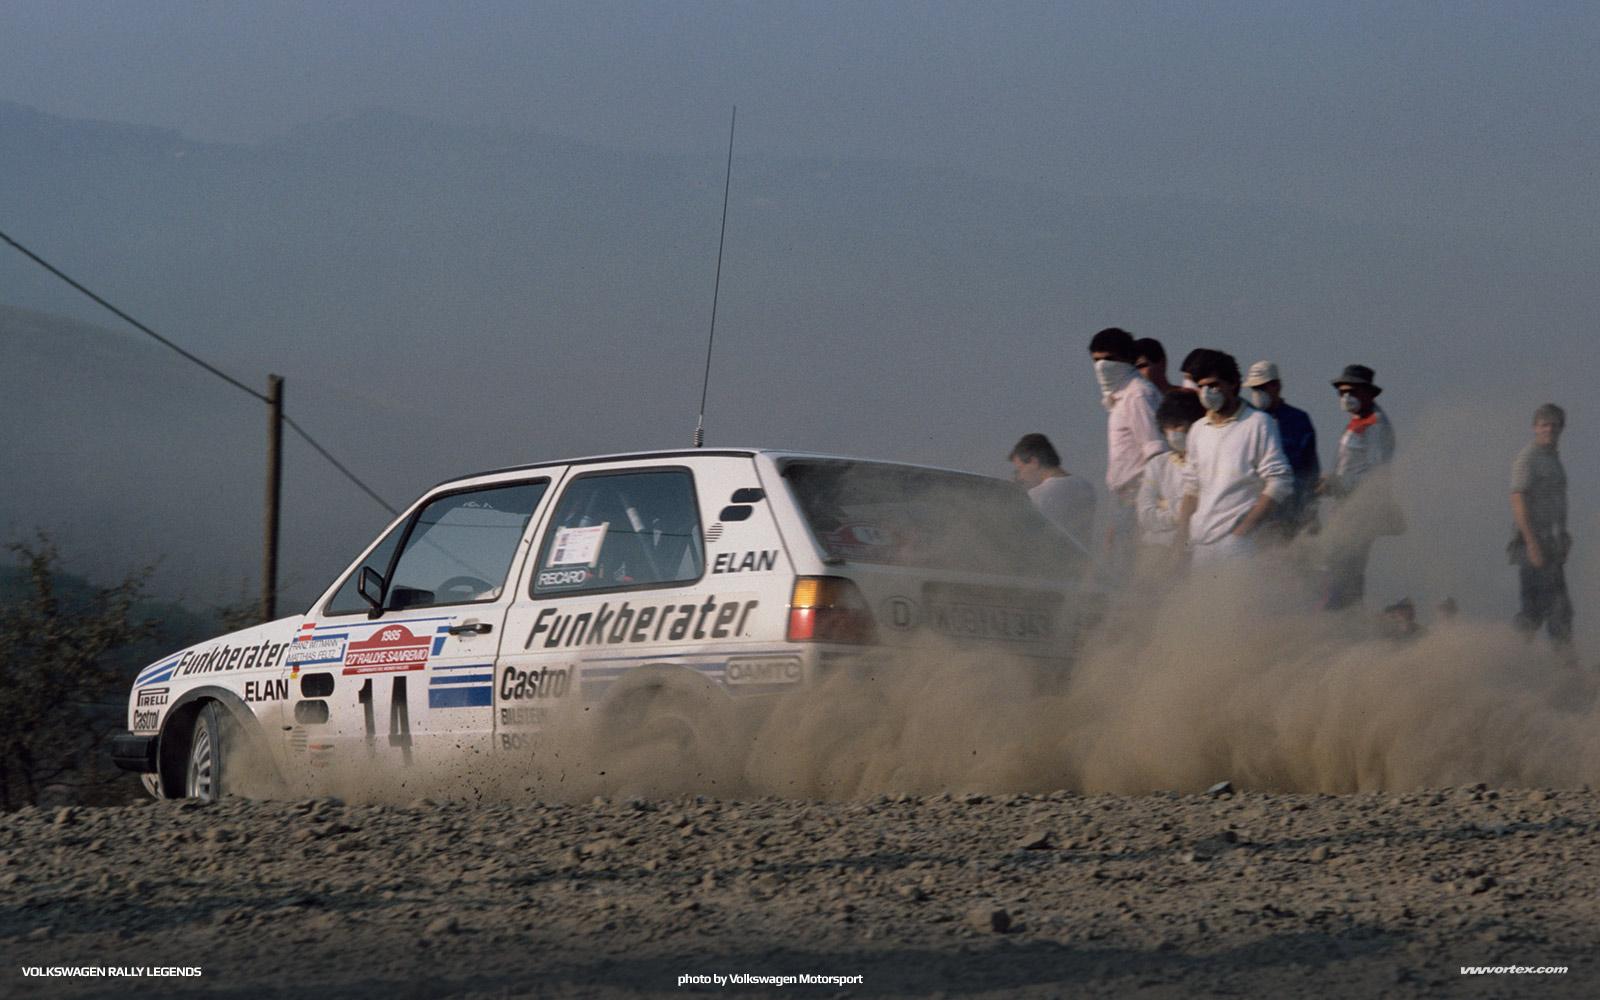 volkswagen-rally-legends-394